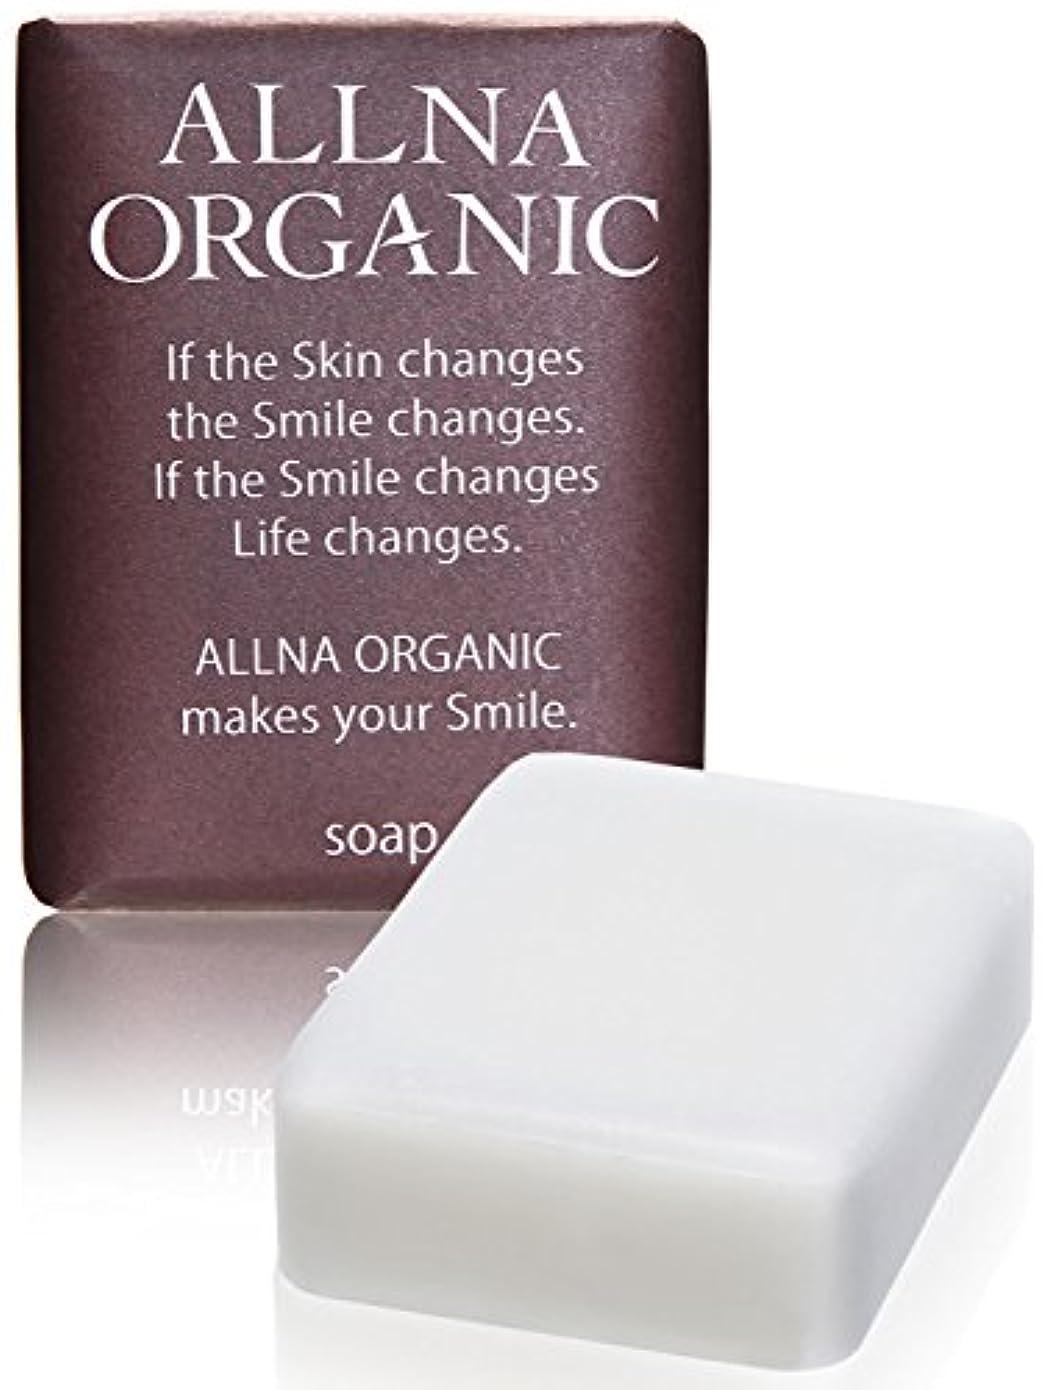 餌シェル呼び出すオルナ オーガニック 石鹸 「 無添加 敏感 肌用 毛穴 対策 洗顔石鹸 」「 コラーゲン 3種 + ヒアルロン酸 4種 + ビタミンC 4種 + セラミド 配合」 保湿 固形 洗顔 せっけん バスサイズ 100g